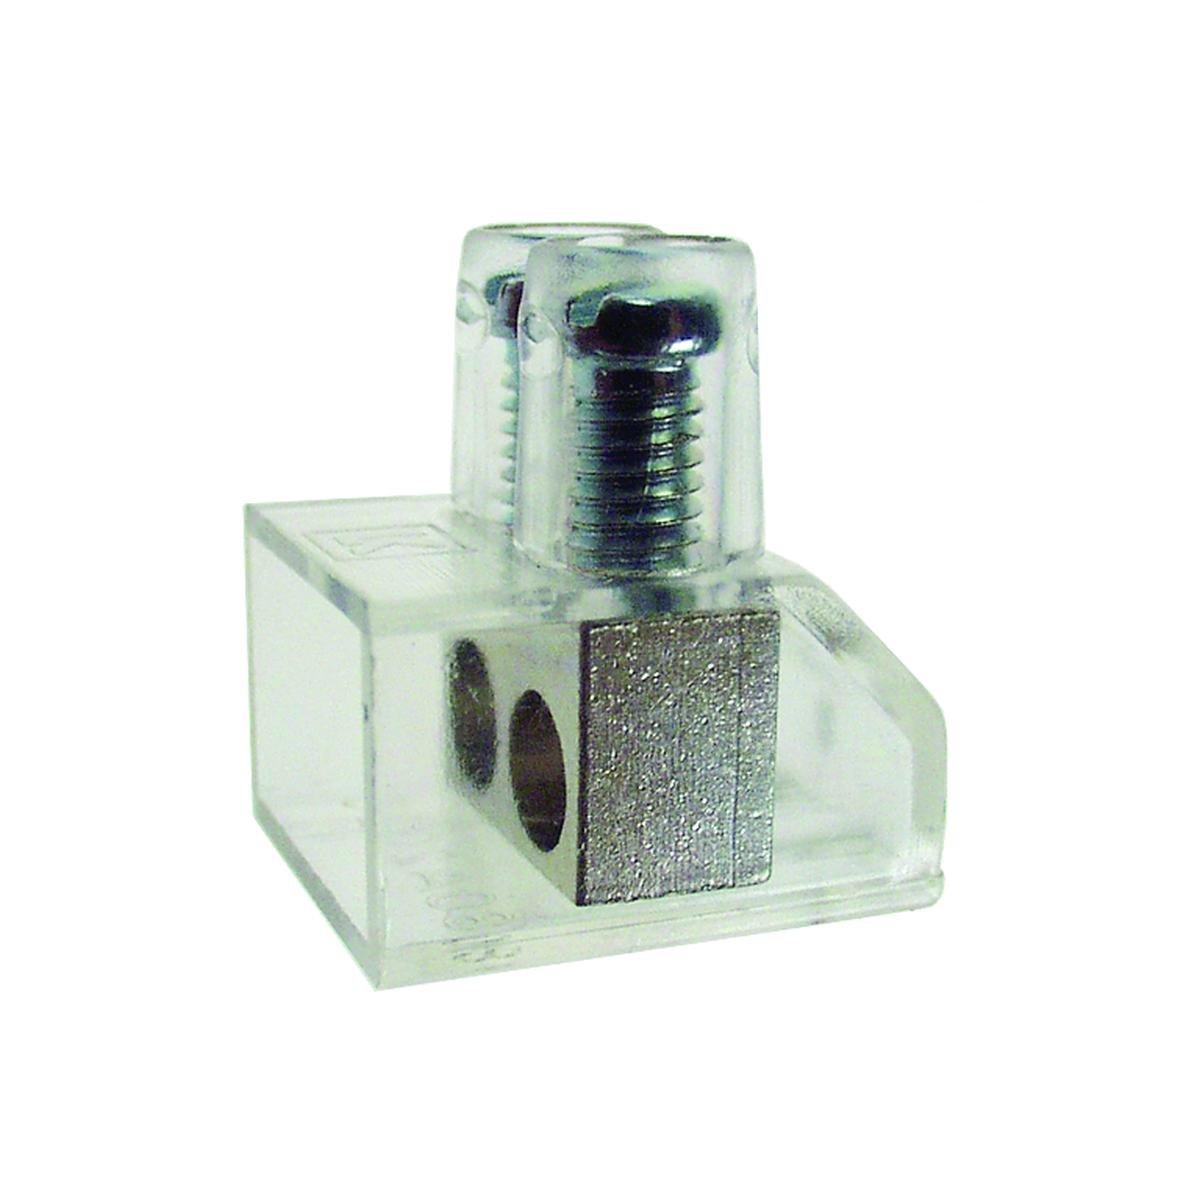 Samlemuffe dobbelt 2 x 10 mm² pose med 200 stk.